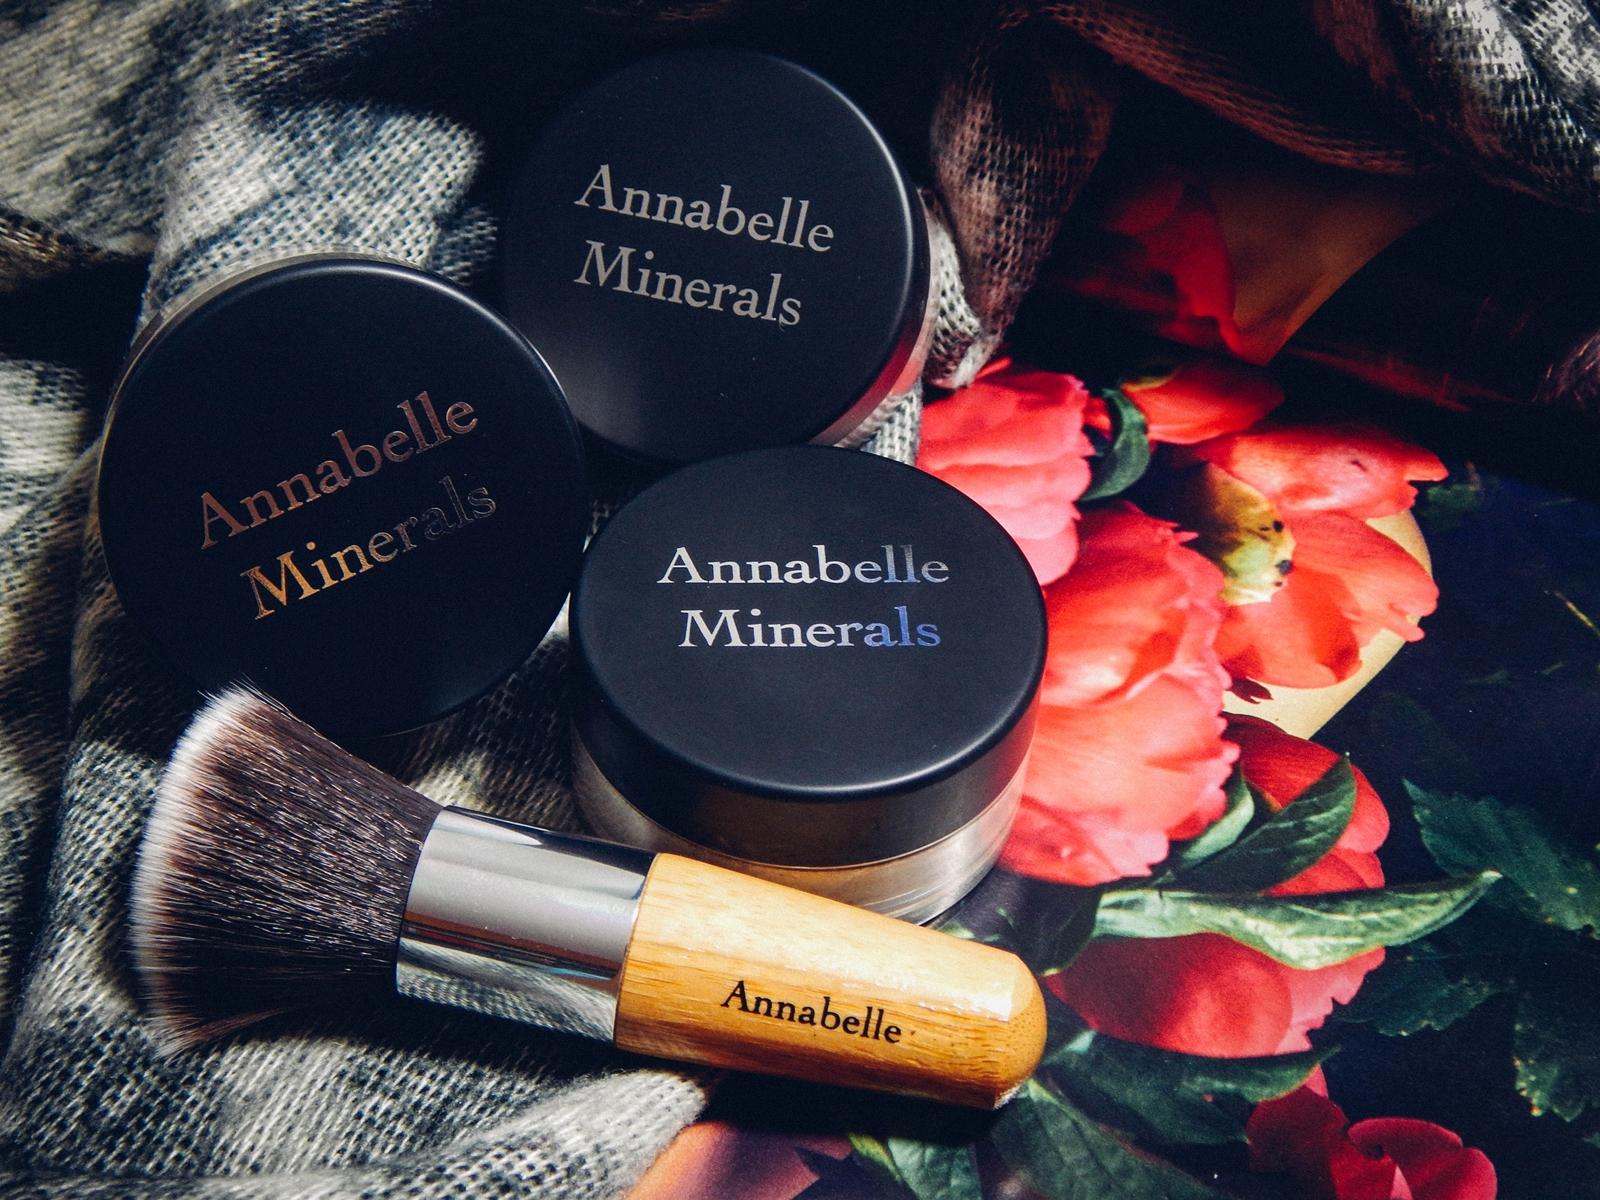 001_annabelle minerals kosmetyki mineralne zestaw matujący korektor podkład róż gratis pędzel jak używać kosmetyków mineralnych recenzja melodylaniella